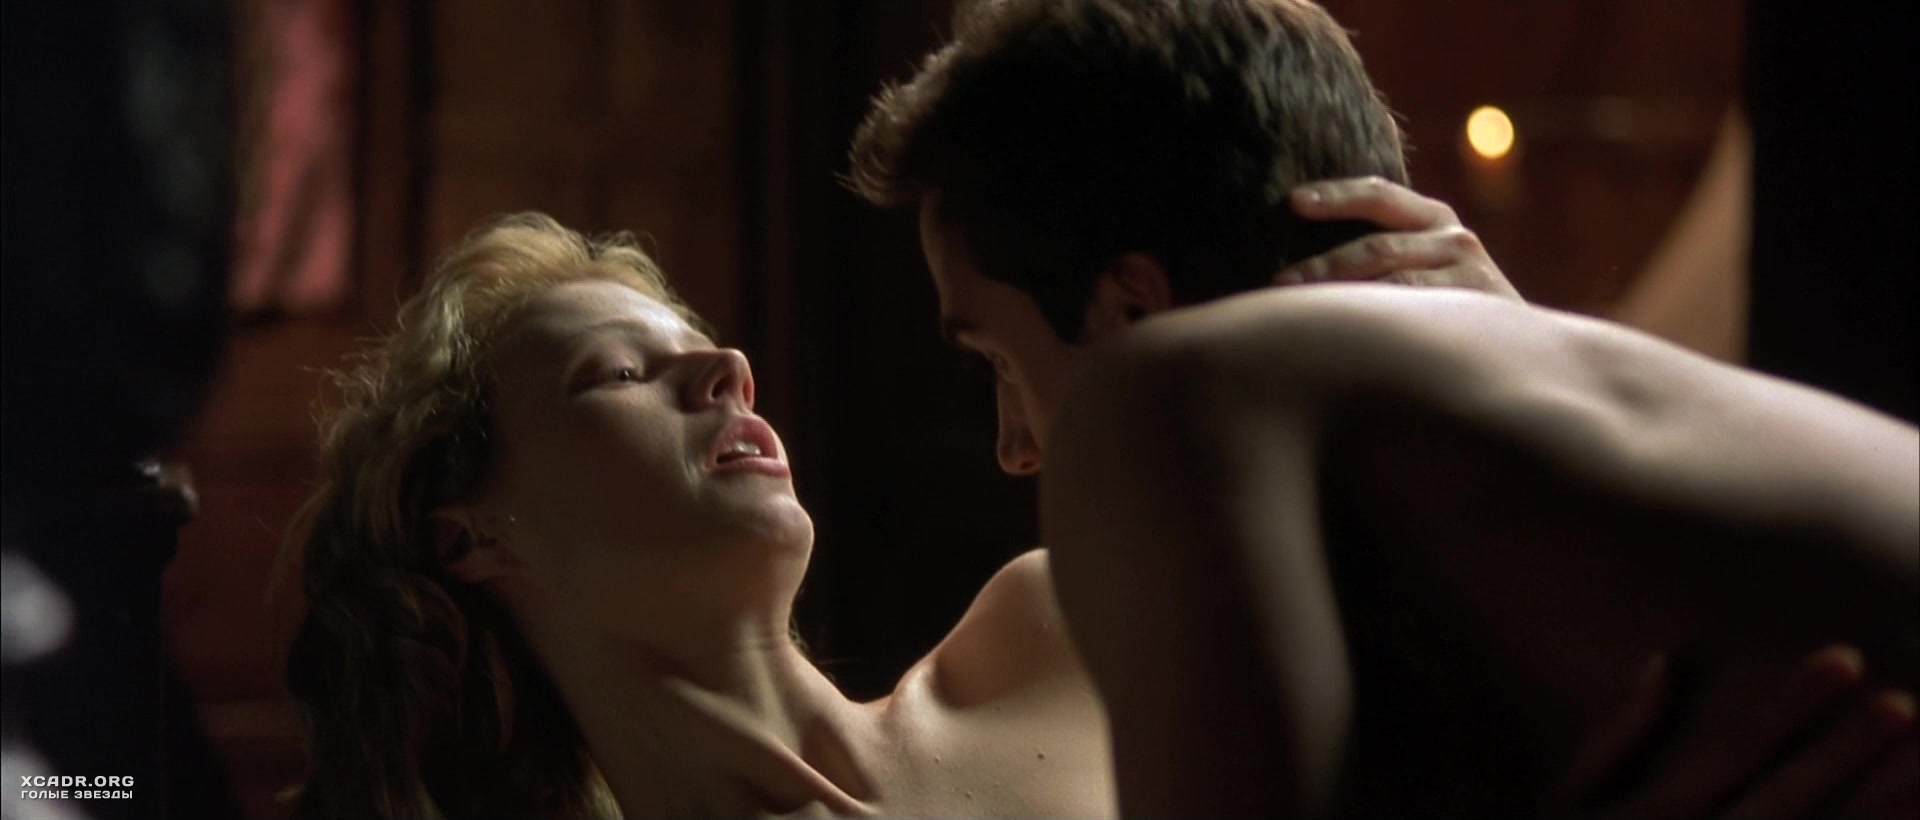 романтическое эротическое кино мешает немного расслабиться